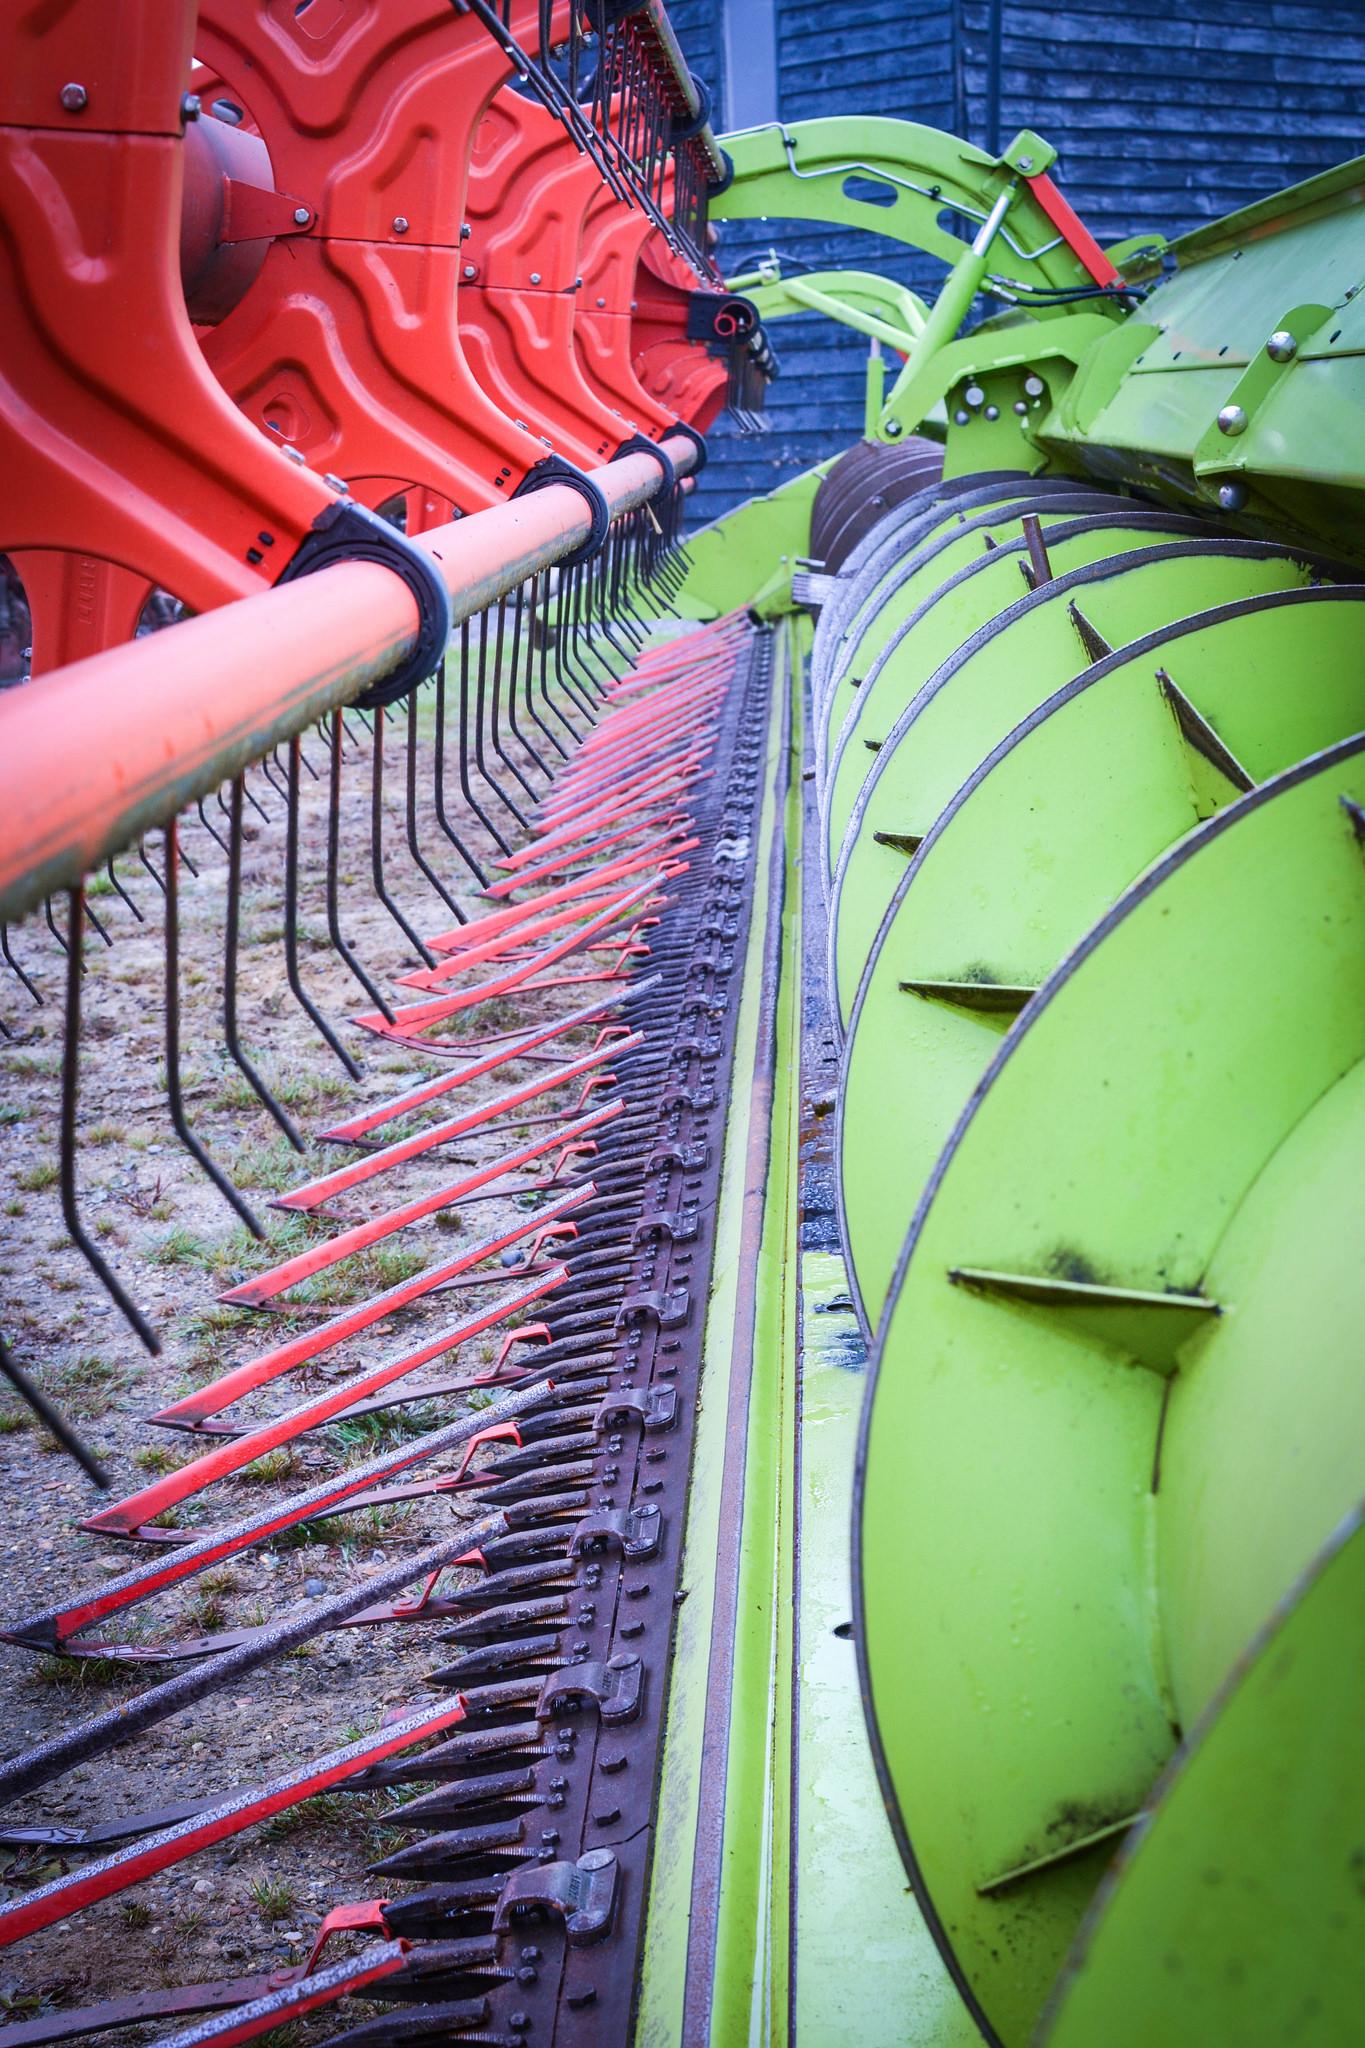 Front of combine harvester at Hillfarm Oils